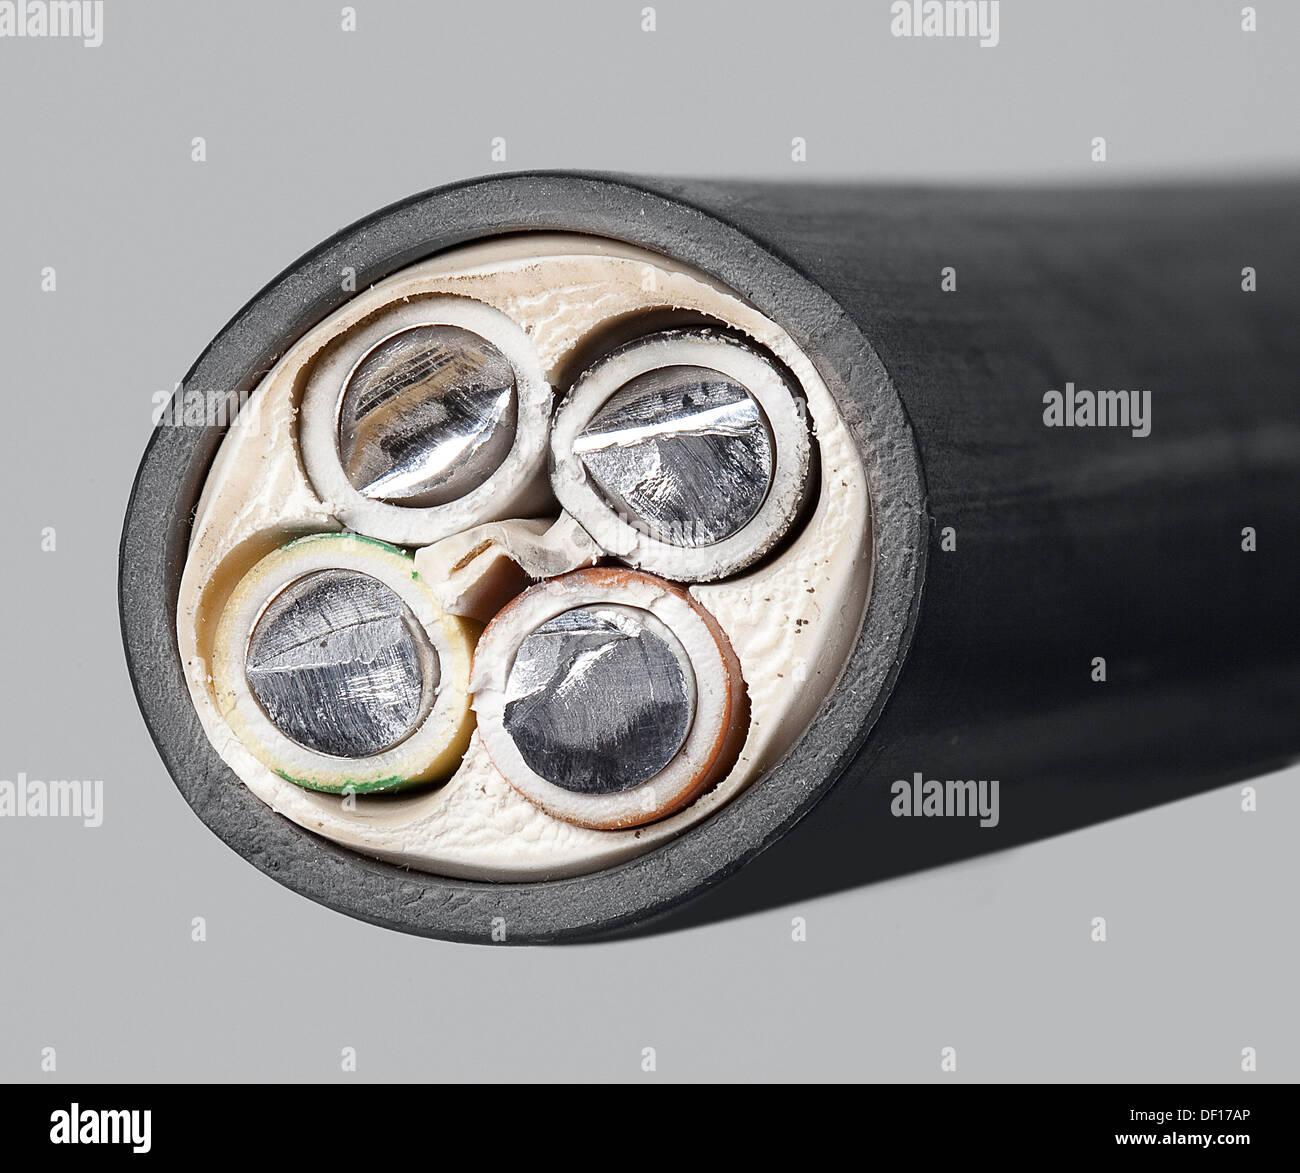 Berlin, Deutschland, ein 4-adriges Kabel Querschnitt Stockfoto, Bild ...